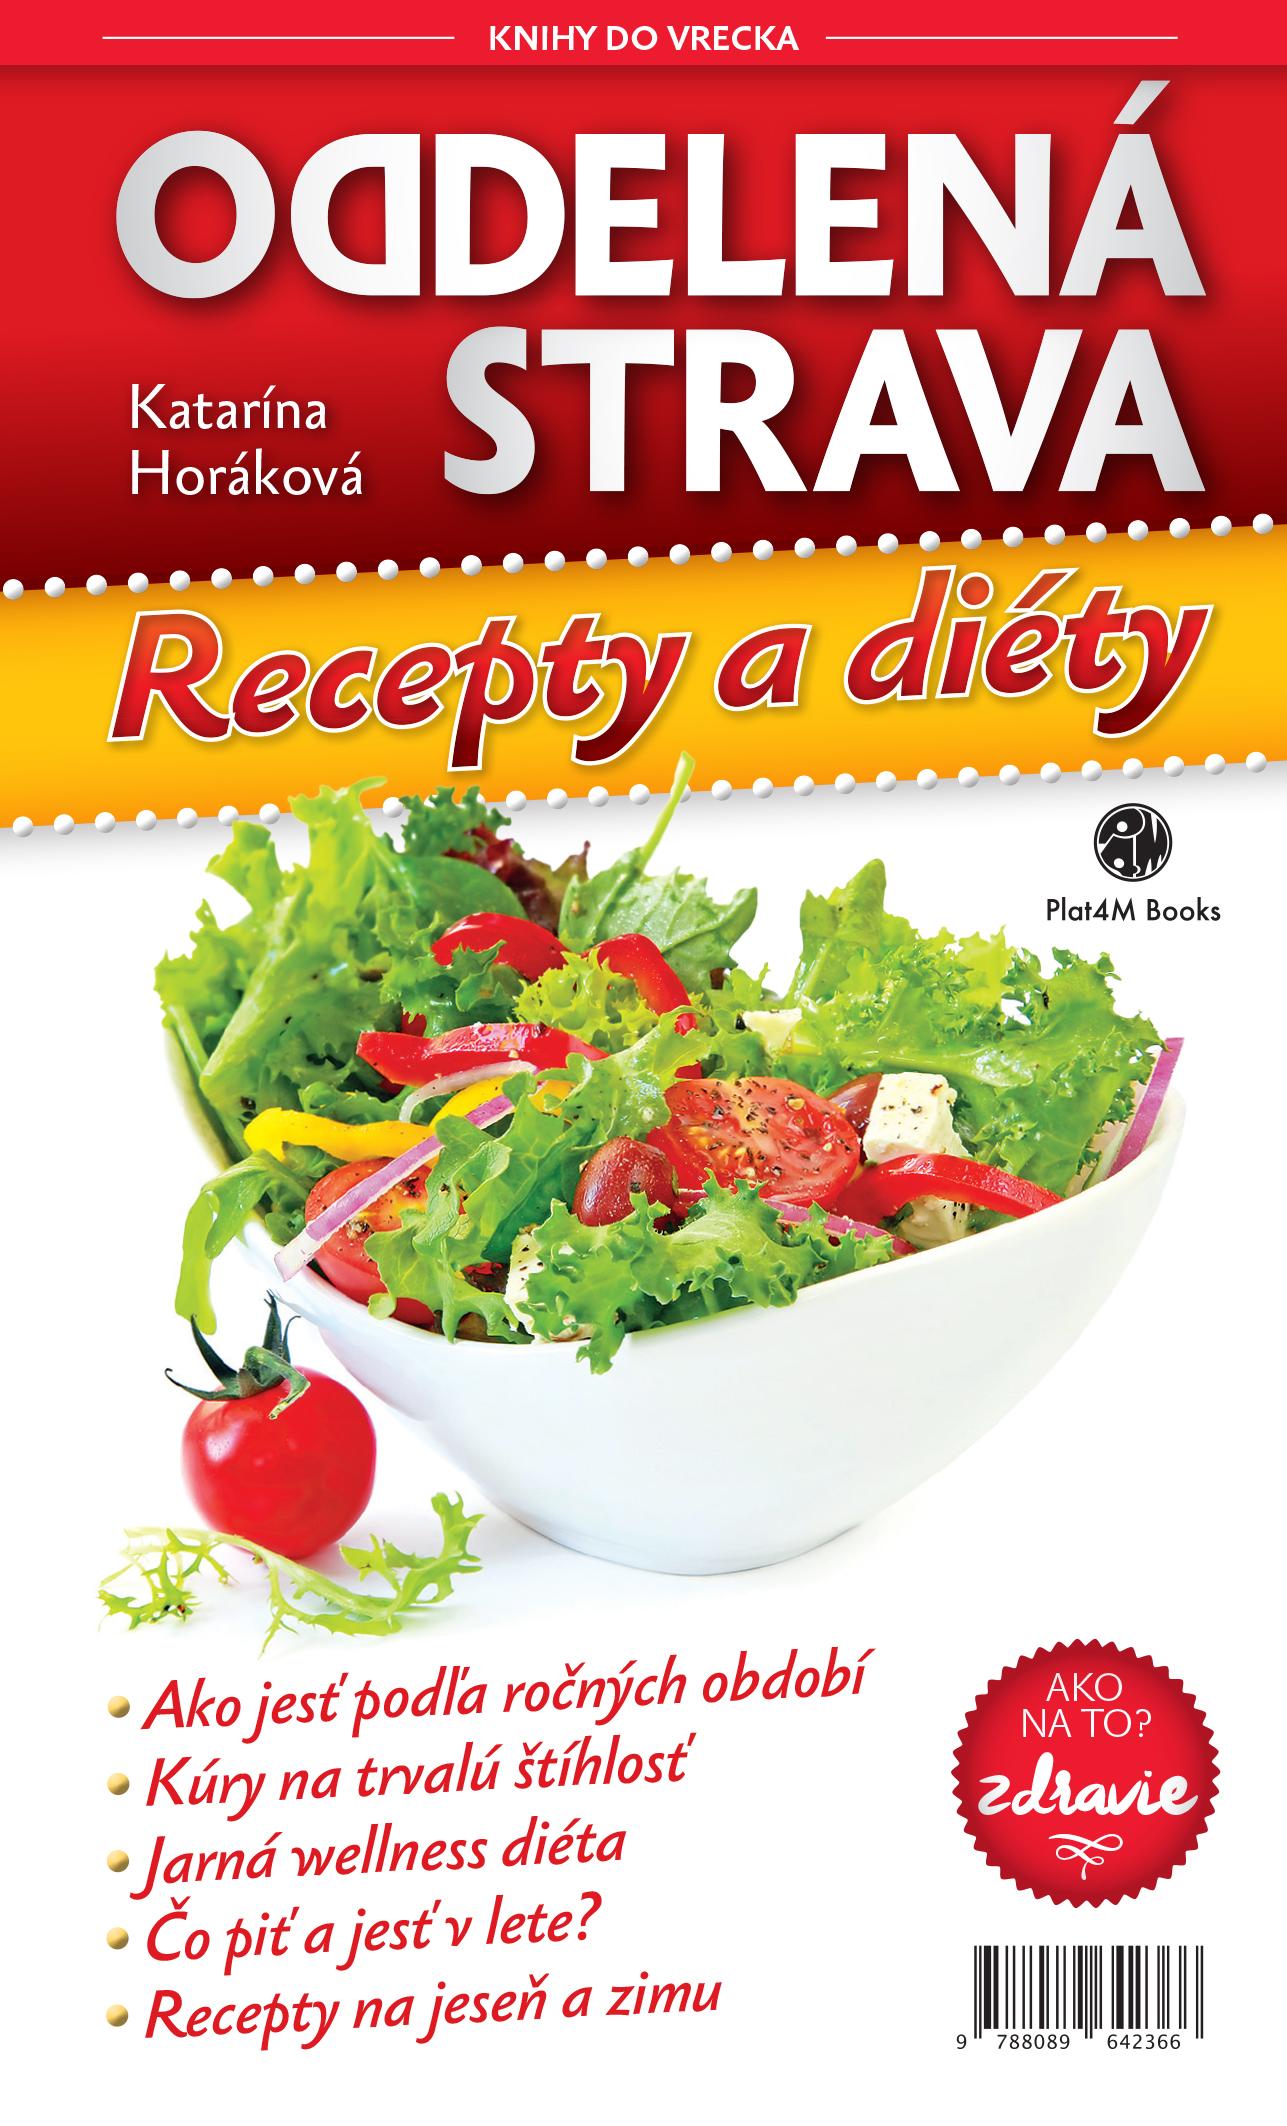 Oddelená strava: Recepty a diéty - Knihy do vrecka